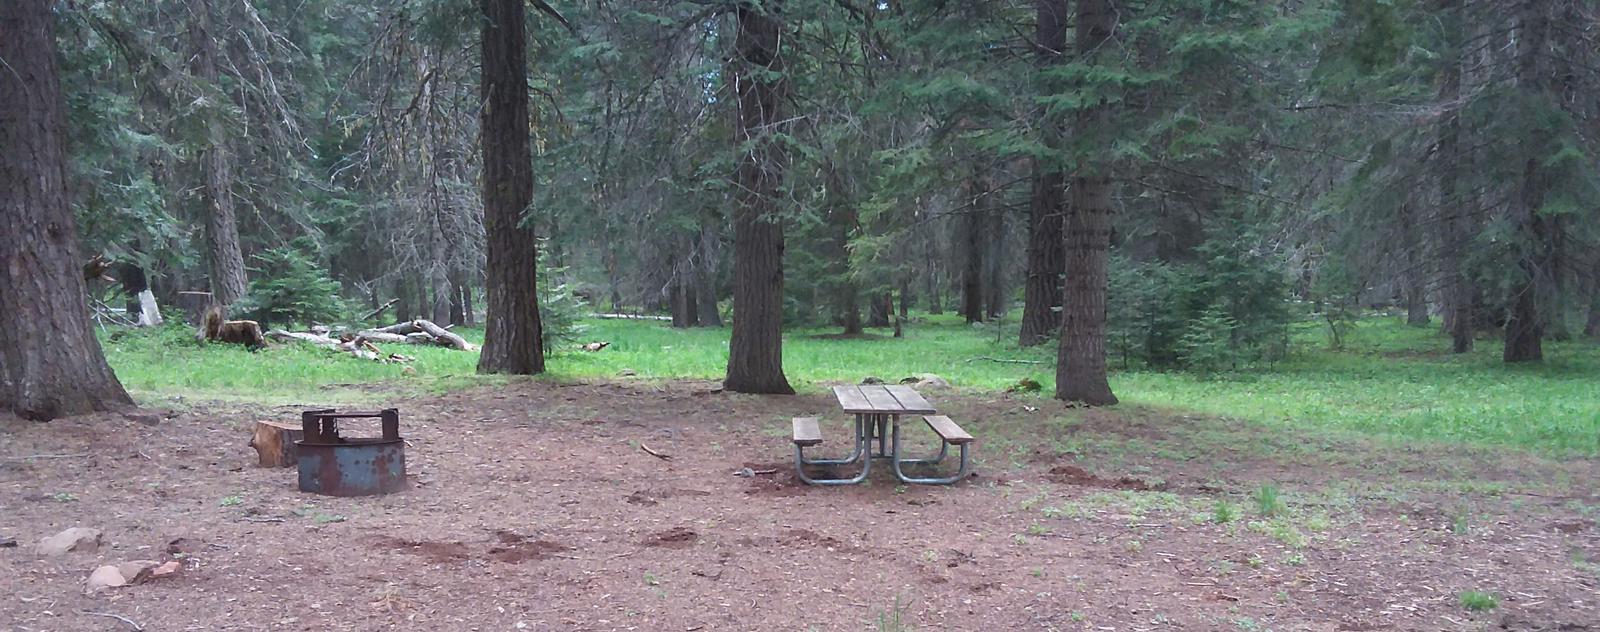 Campsite B22- Hyatt LakeCampsite 22, B Loop Hyatt Lake